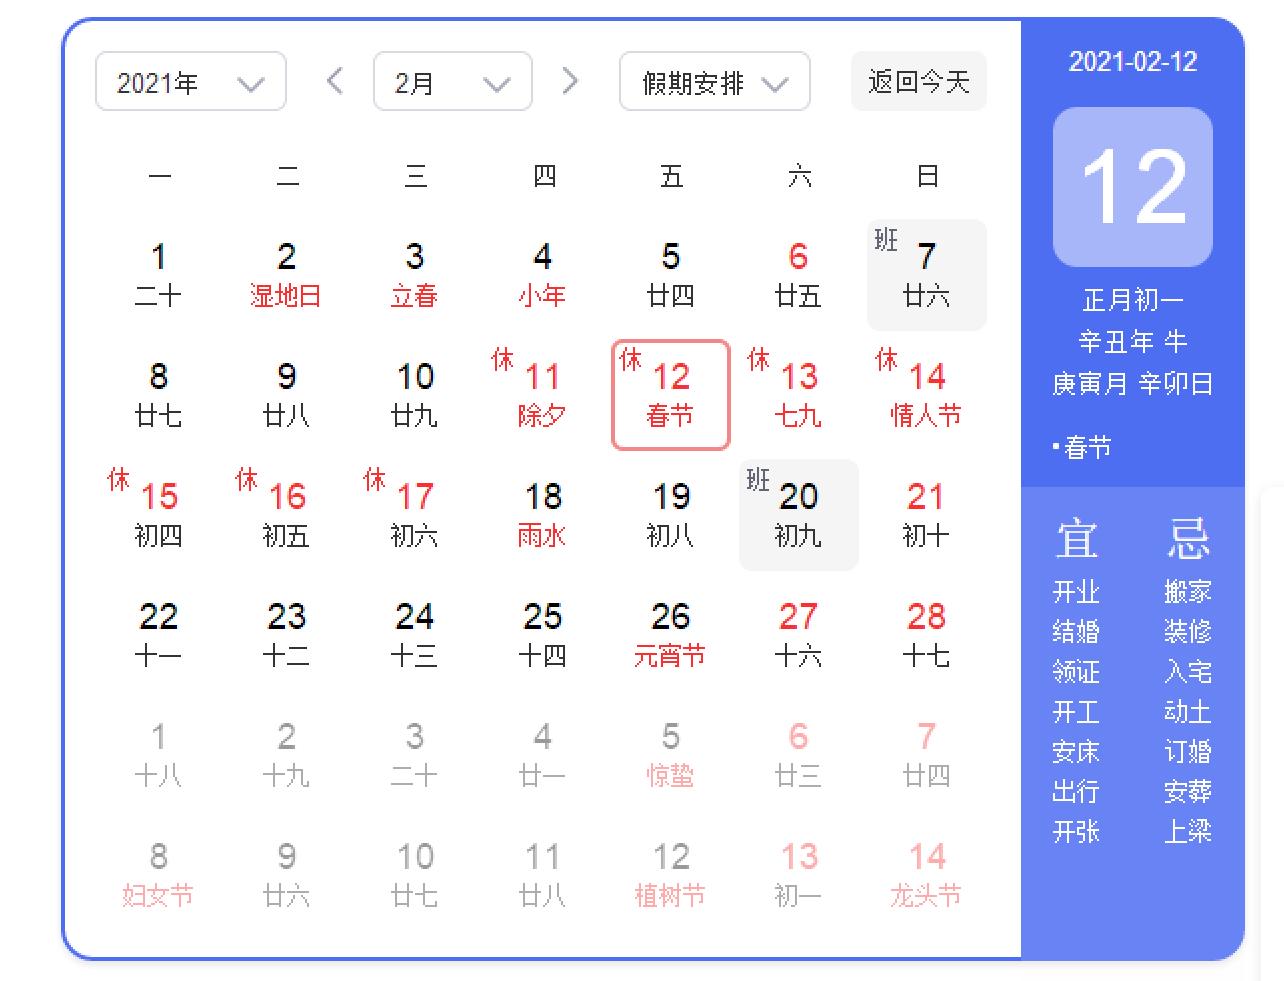 2021年春节柒奇设计团队放假安排